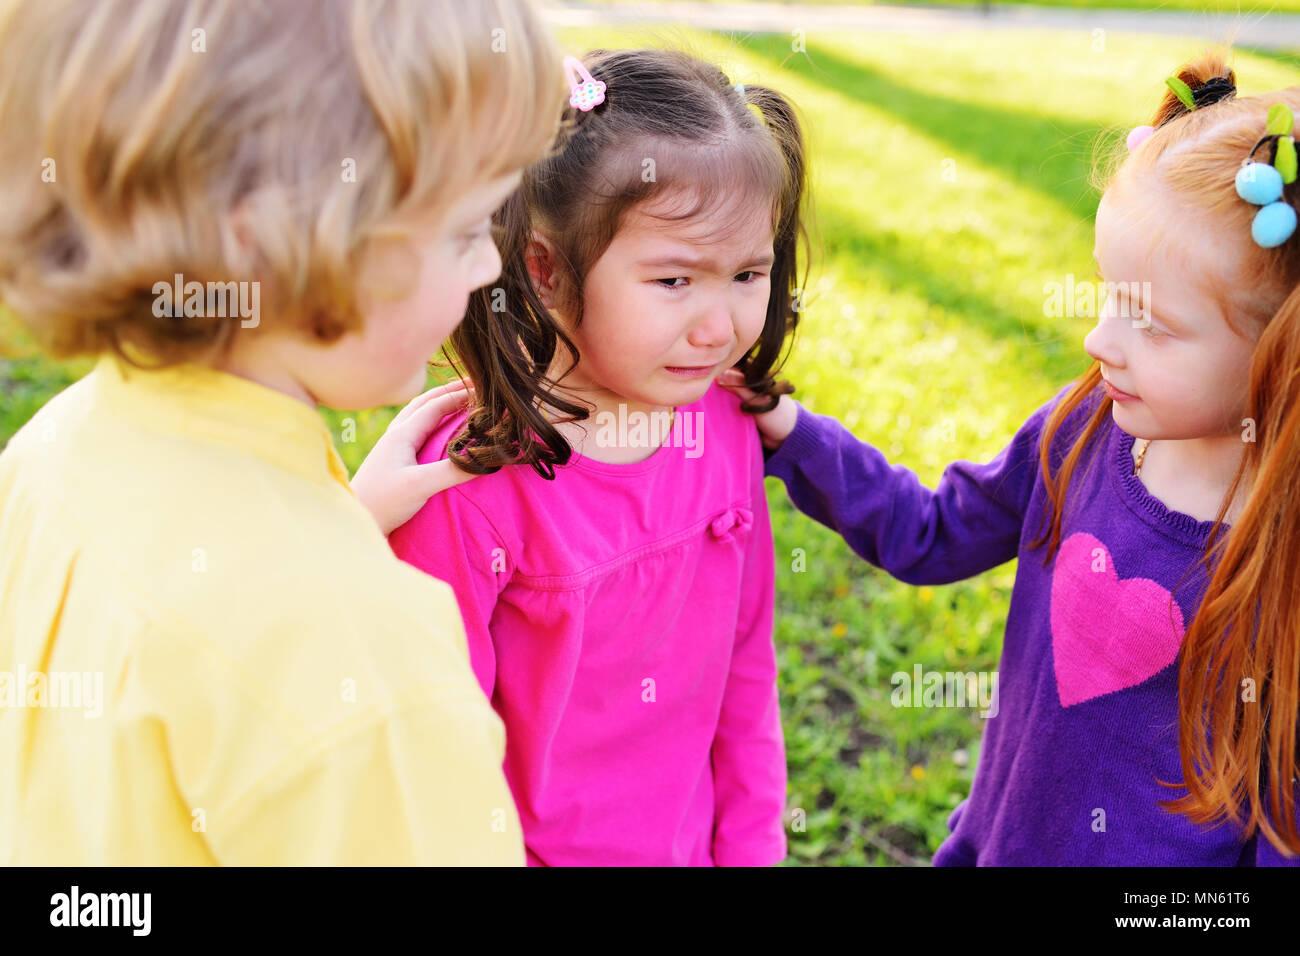 Los niños sienten compasión por una niña llorando. Imagen De Stock